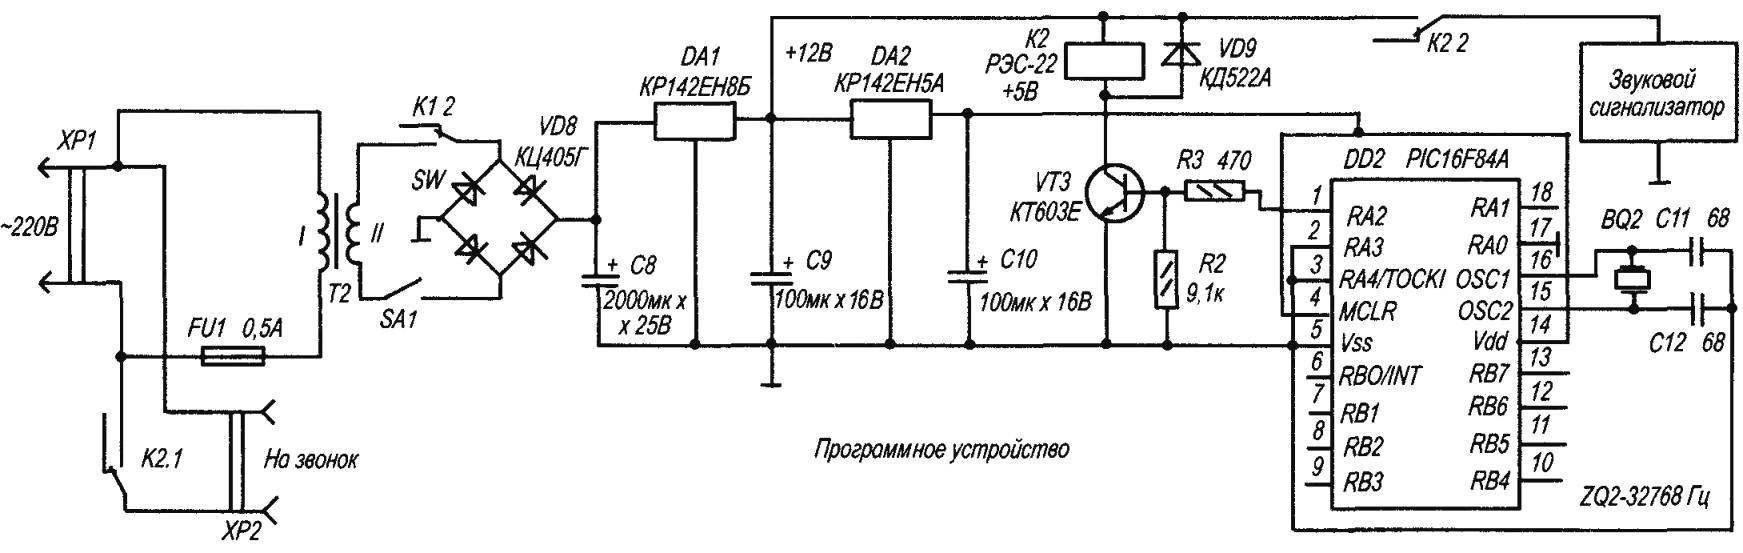 Рис. 4. Принципиальная электрическая схема программного устройства